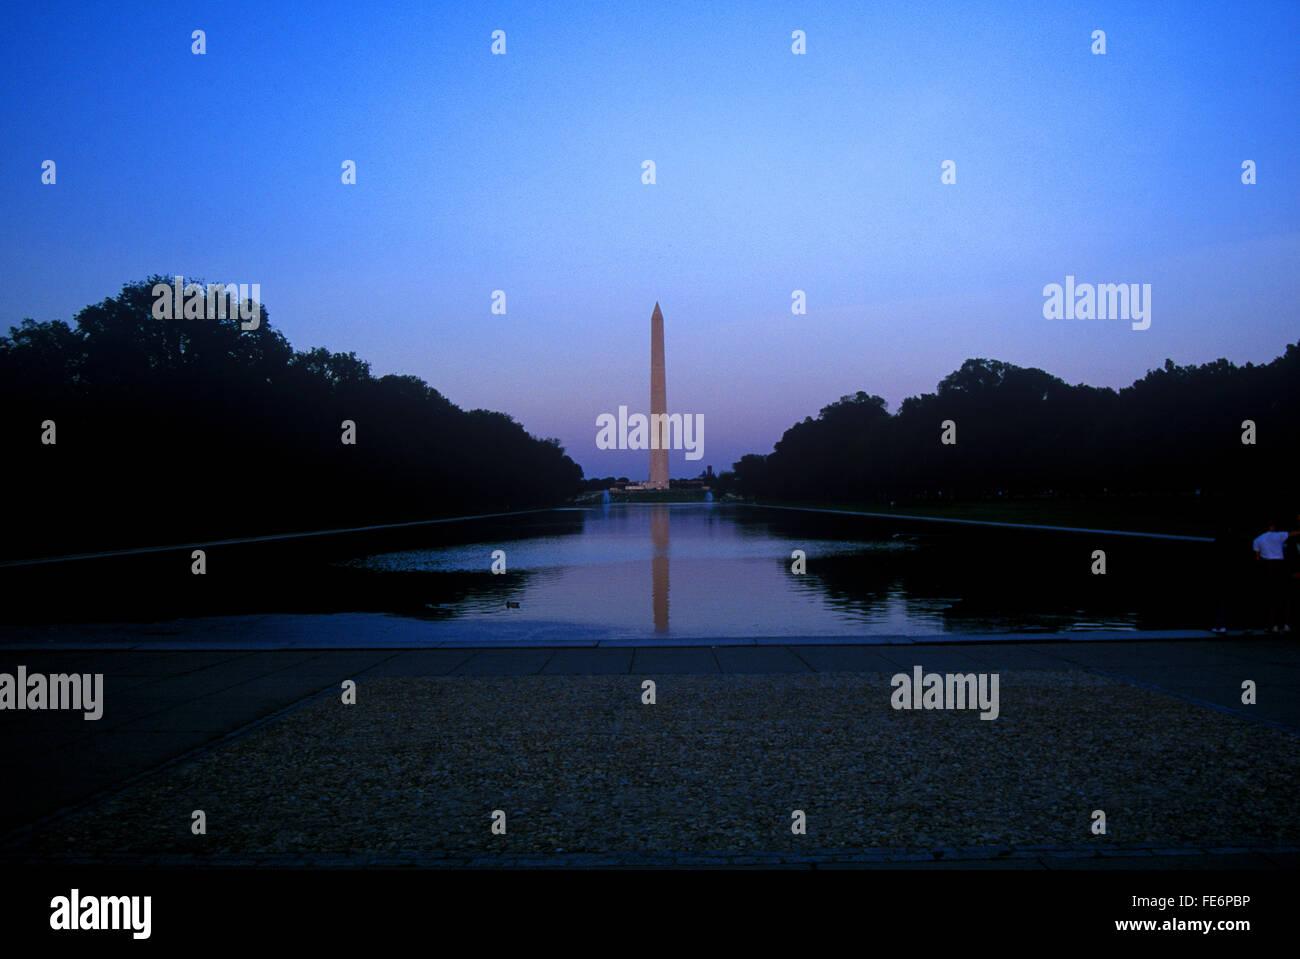 Vista lejana del Monumento a Washington contra el cielo claro al atardecer Imagen De Stock